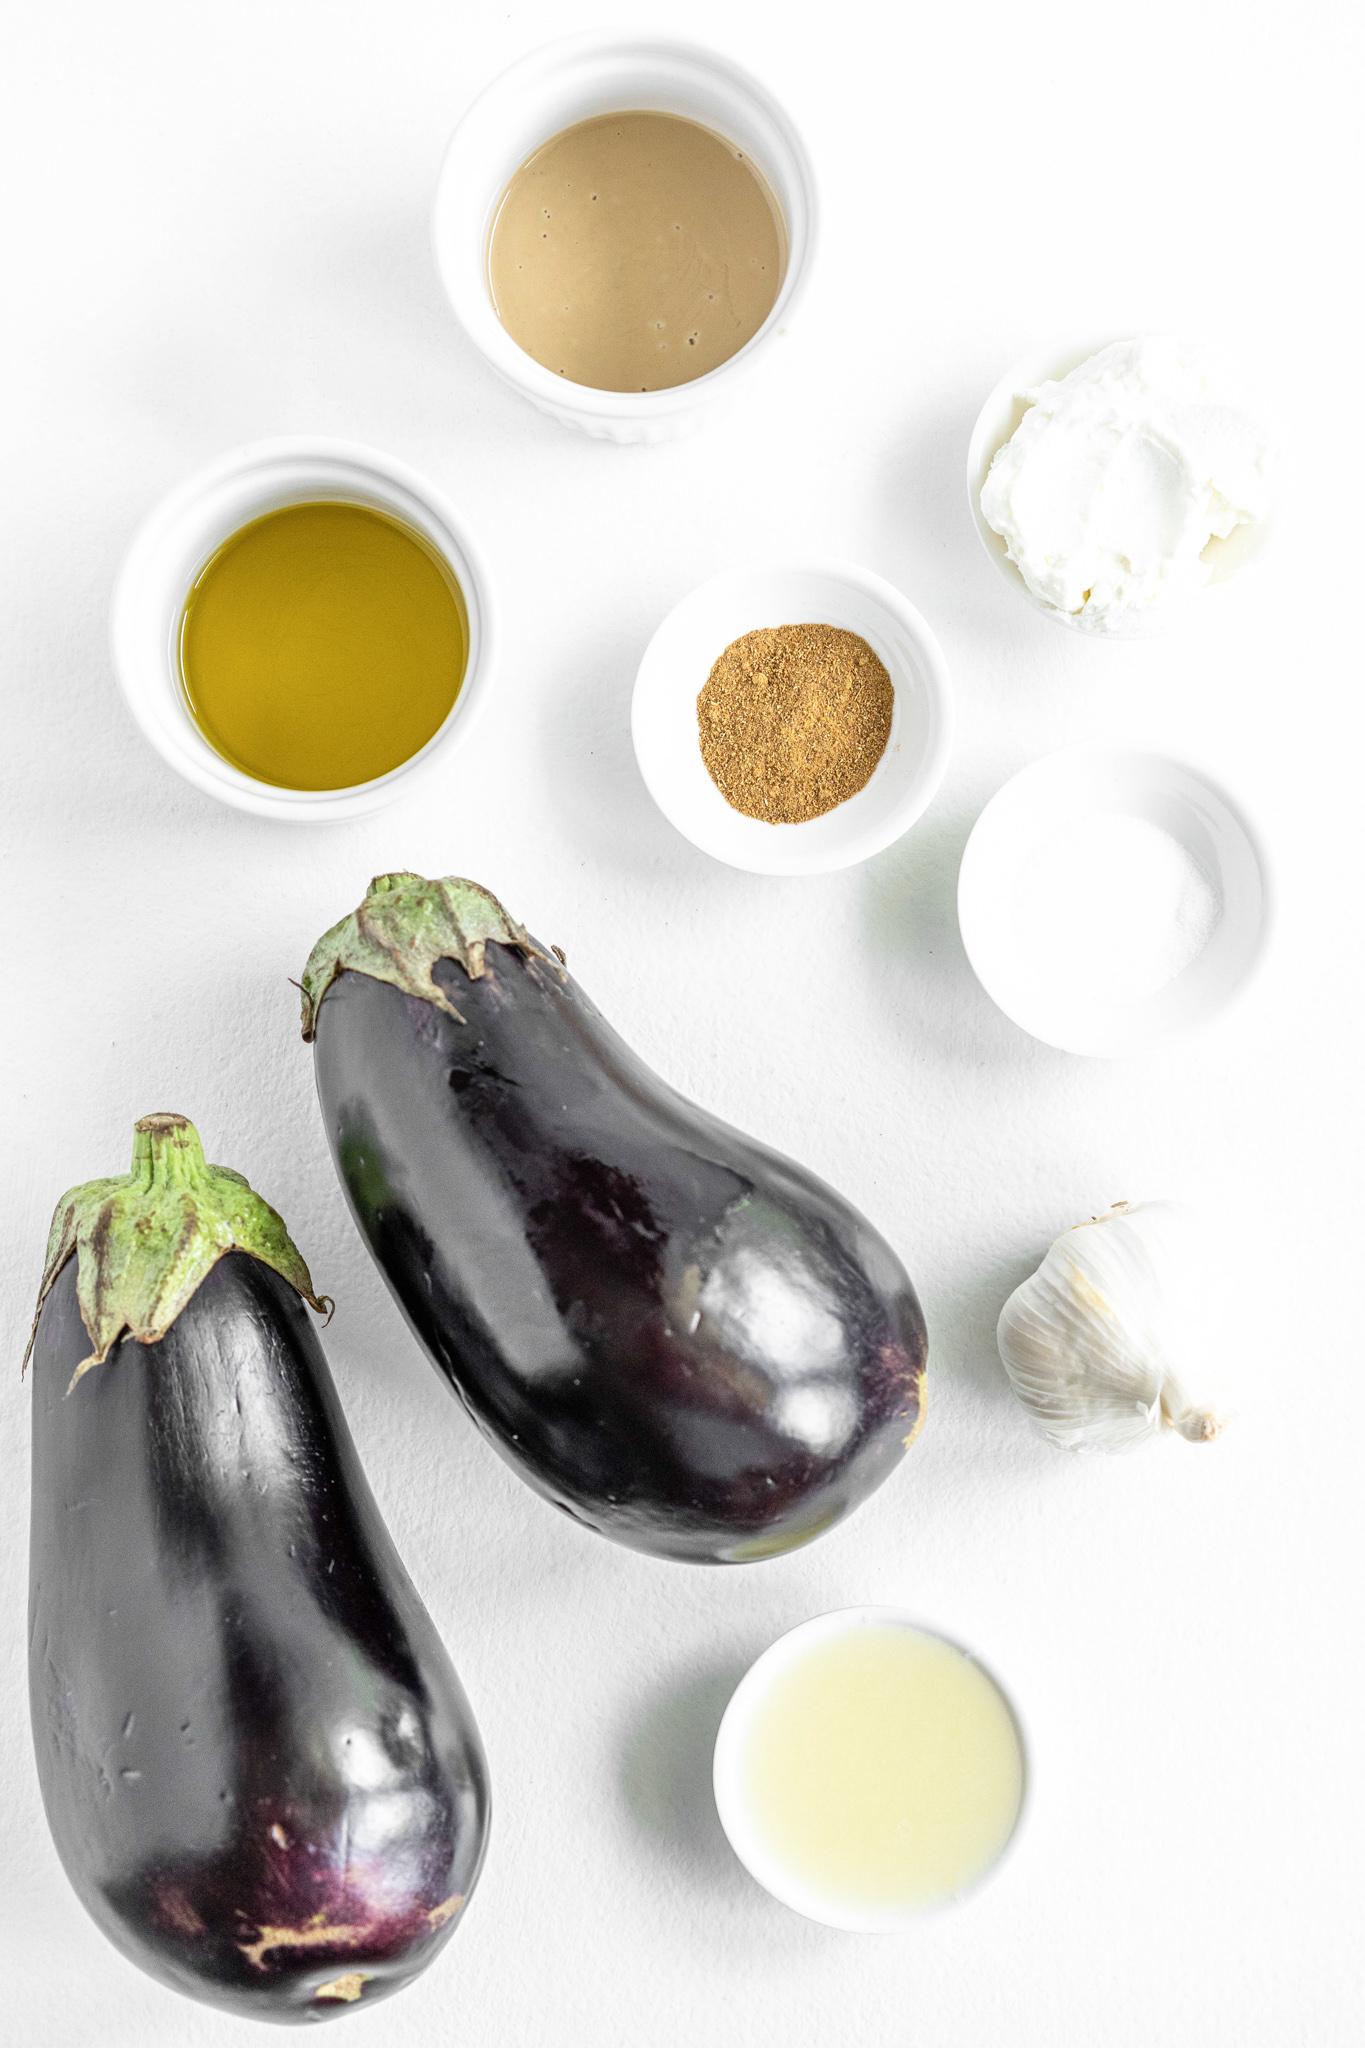 Baba Ghanoush ingredients.